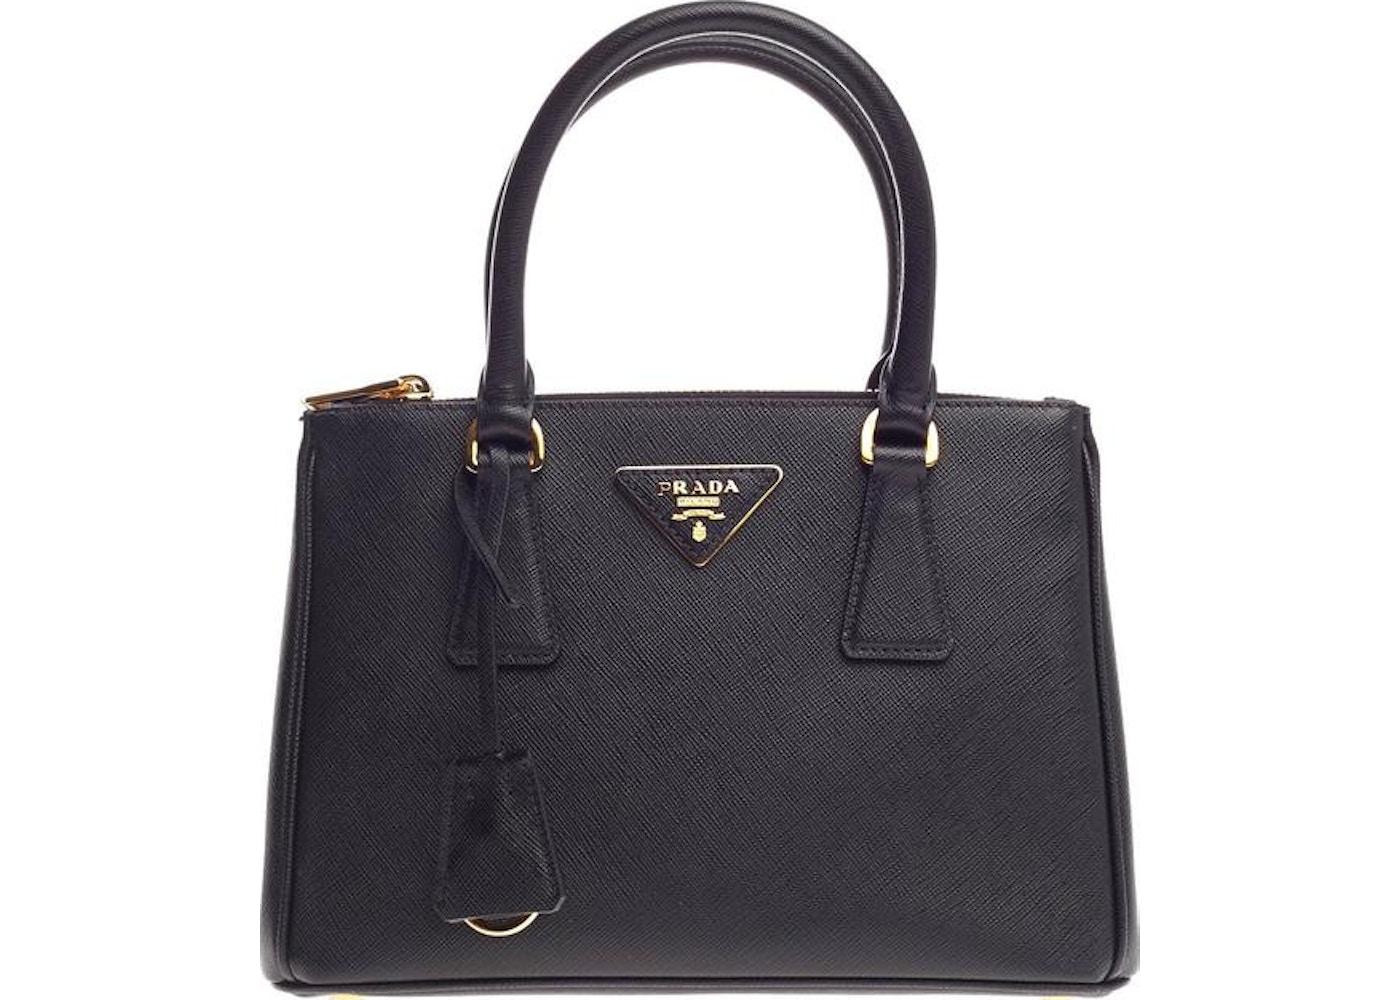 f97c8334823a Prada Galleria Tote Saffiano Small Nero Black. Saffiano Small Nero Black